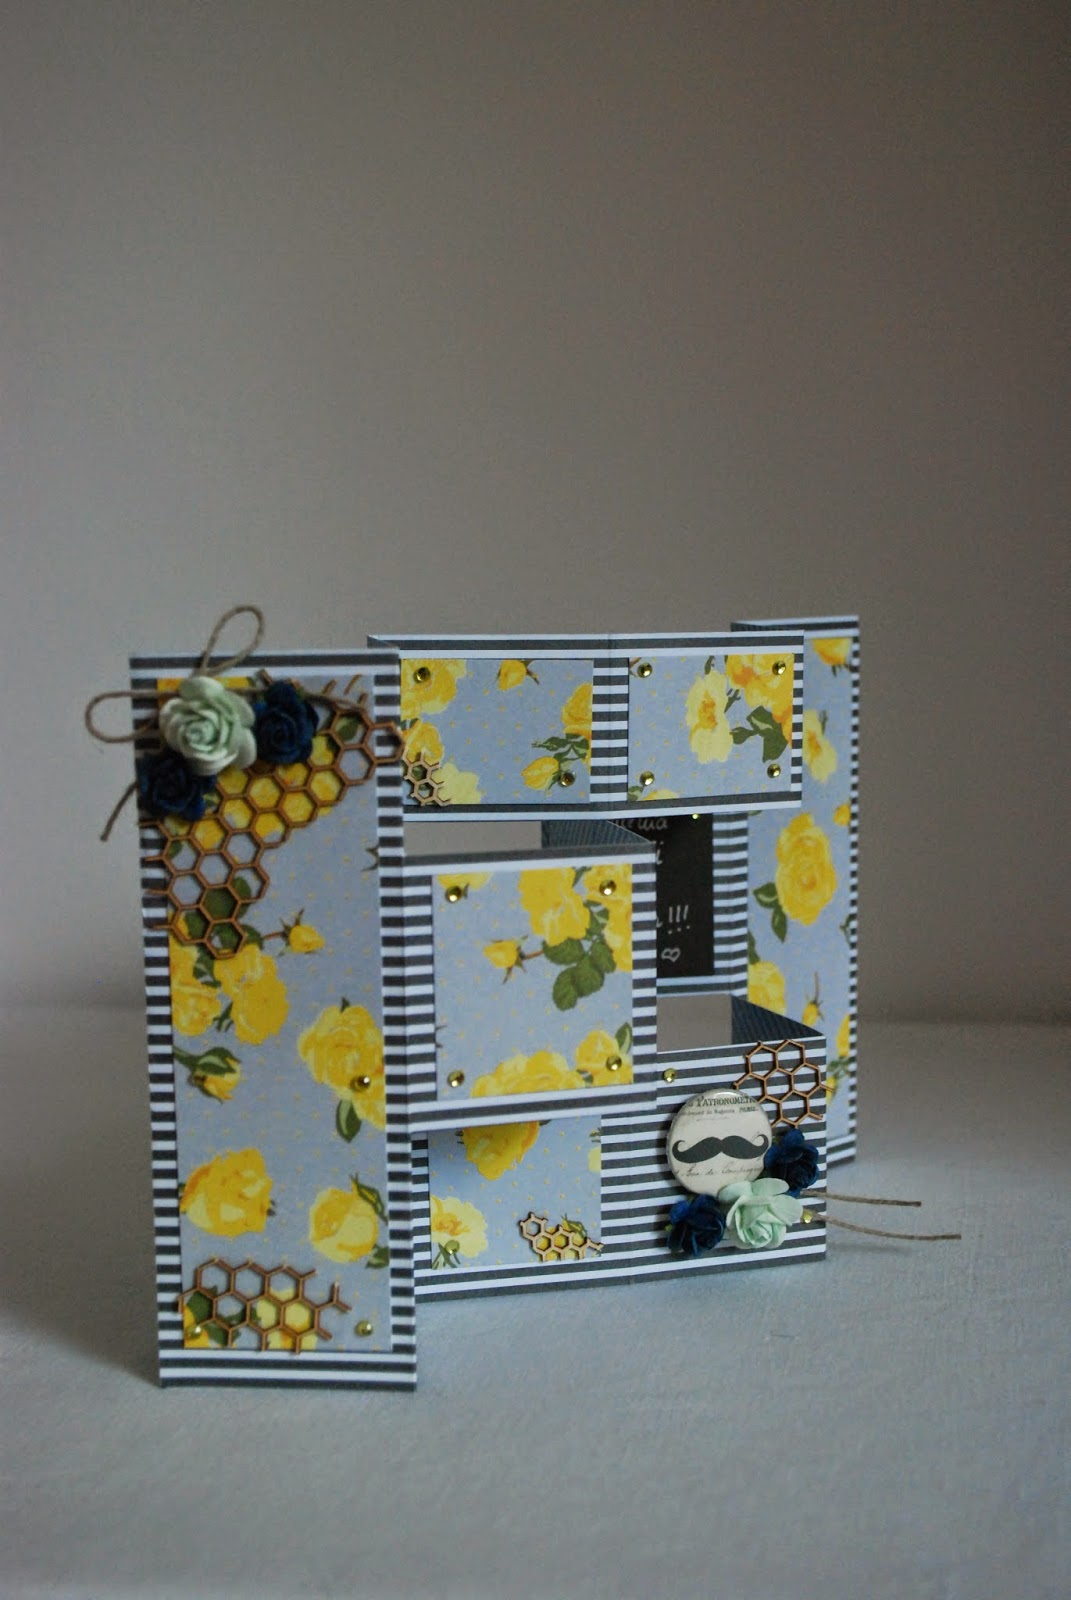 kartka harmonijkowa, dla taty, żółty, granatowy, card for dad